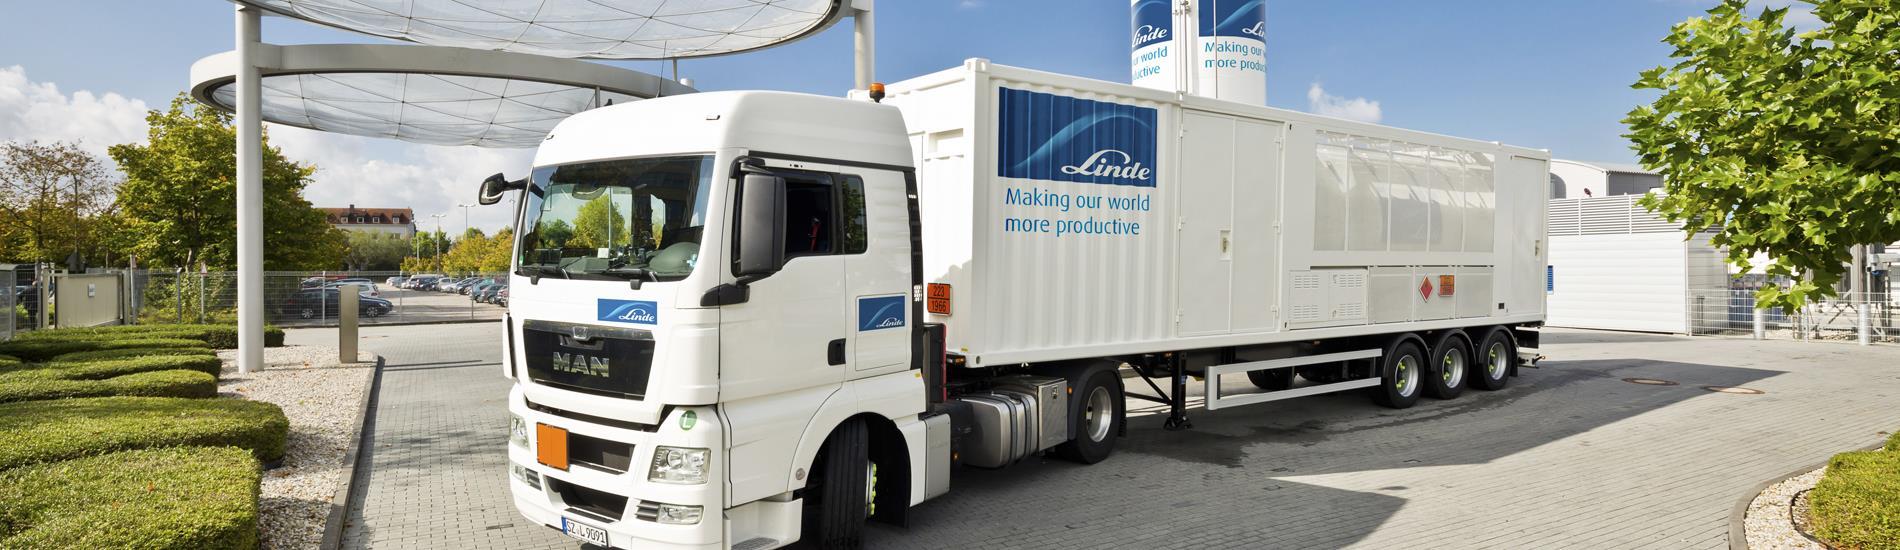 Linde Hydrogen trailer at Linde Hydrogen Center in Unterschleissheim, Germany